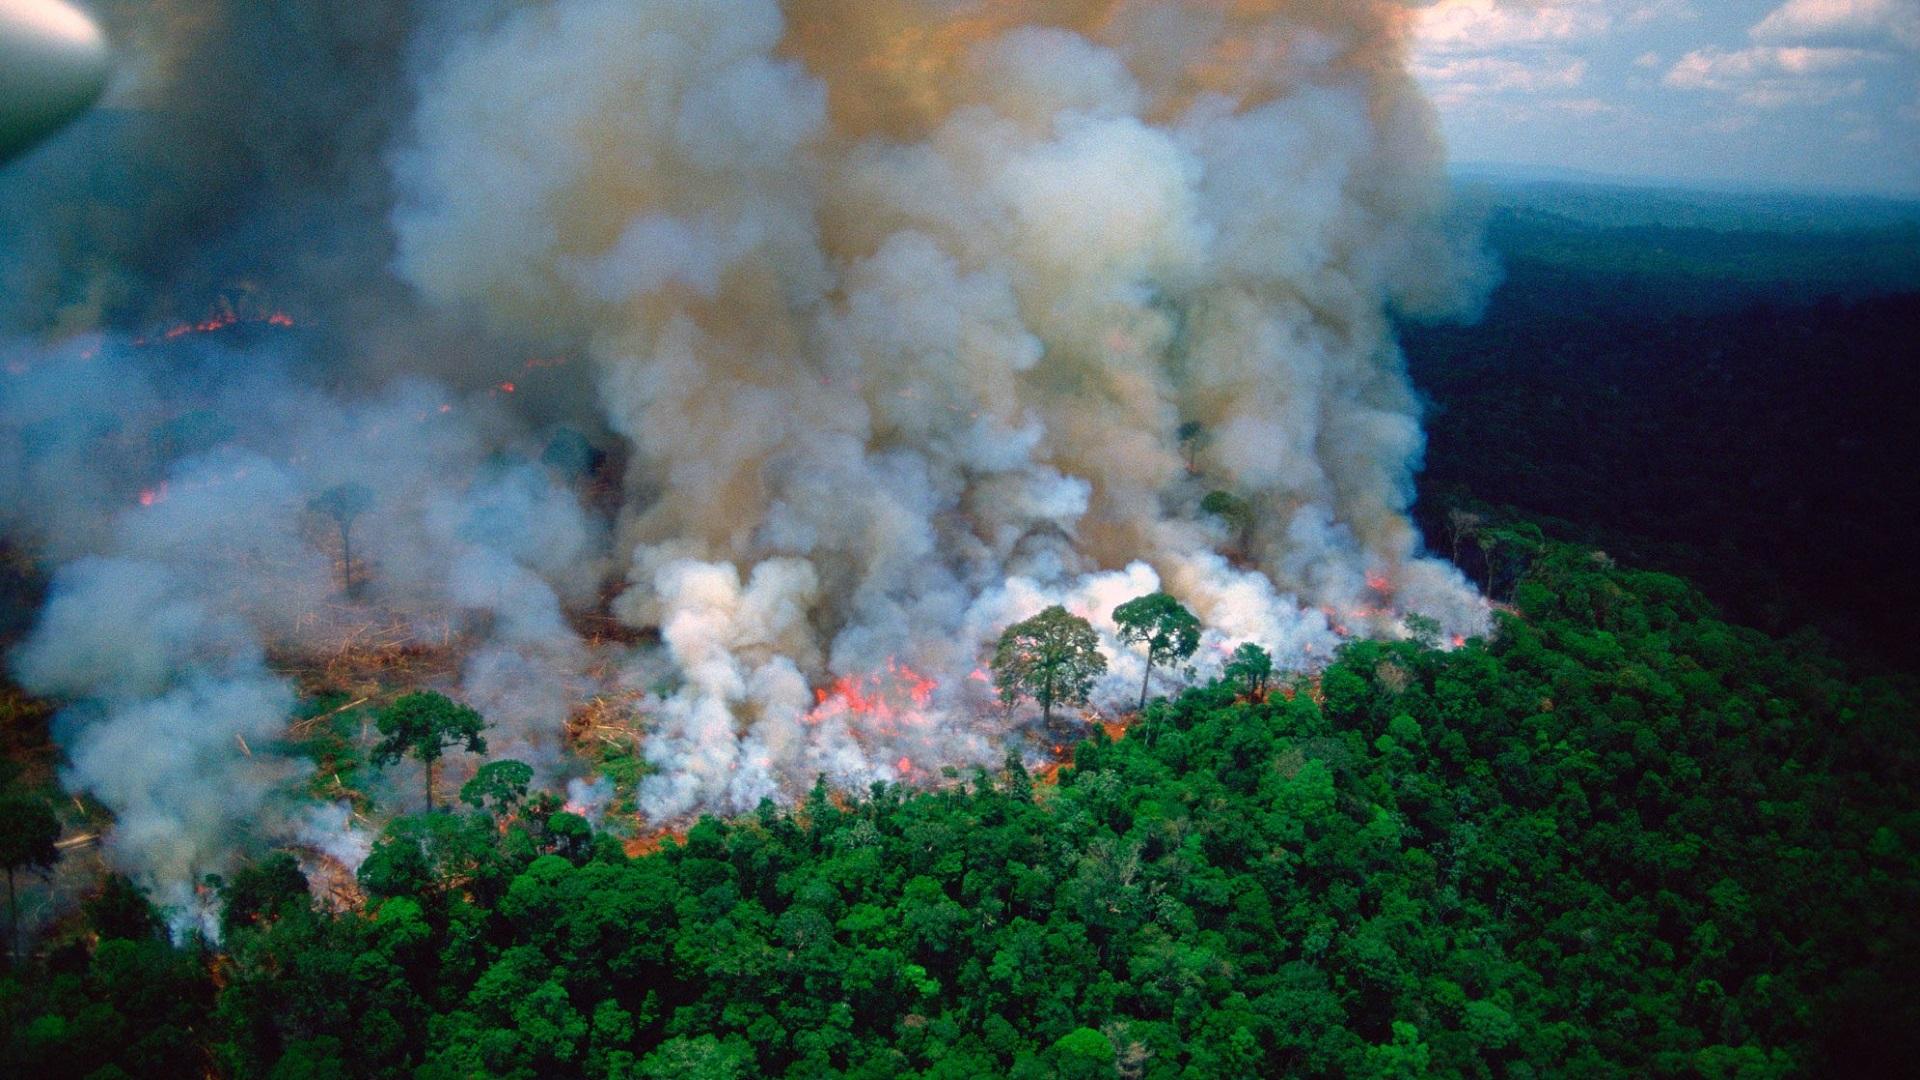 Incendio en la Amazonía. Foto de @EmmanuelMacron